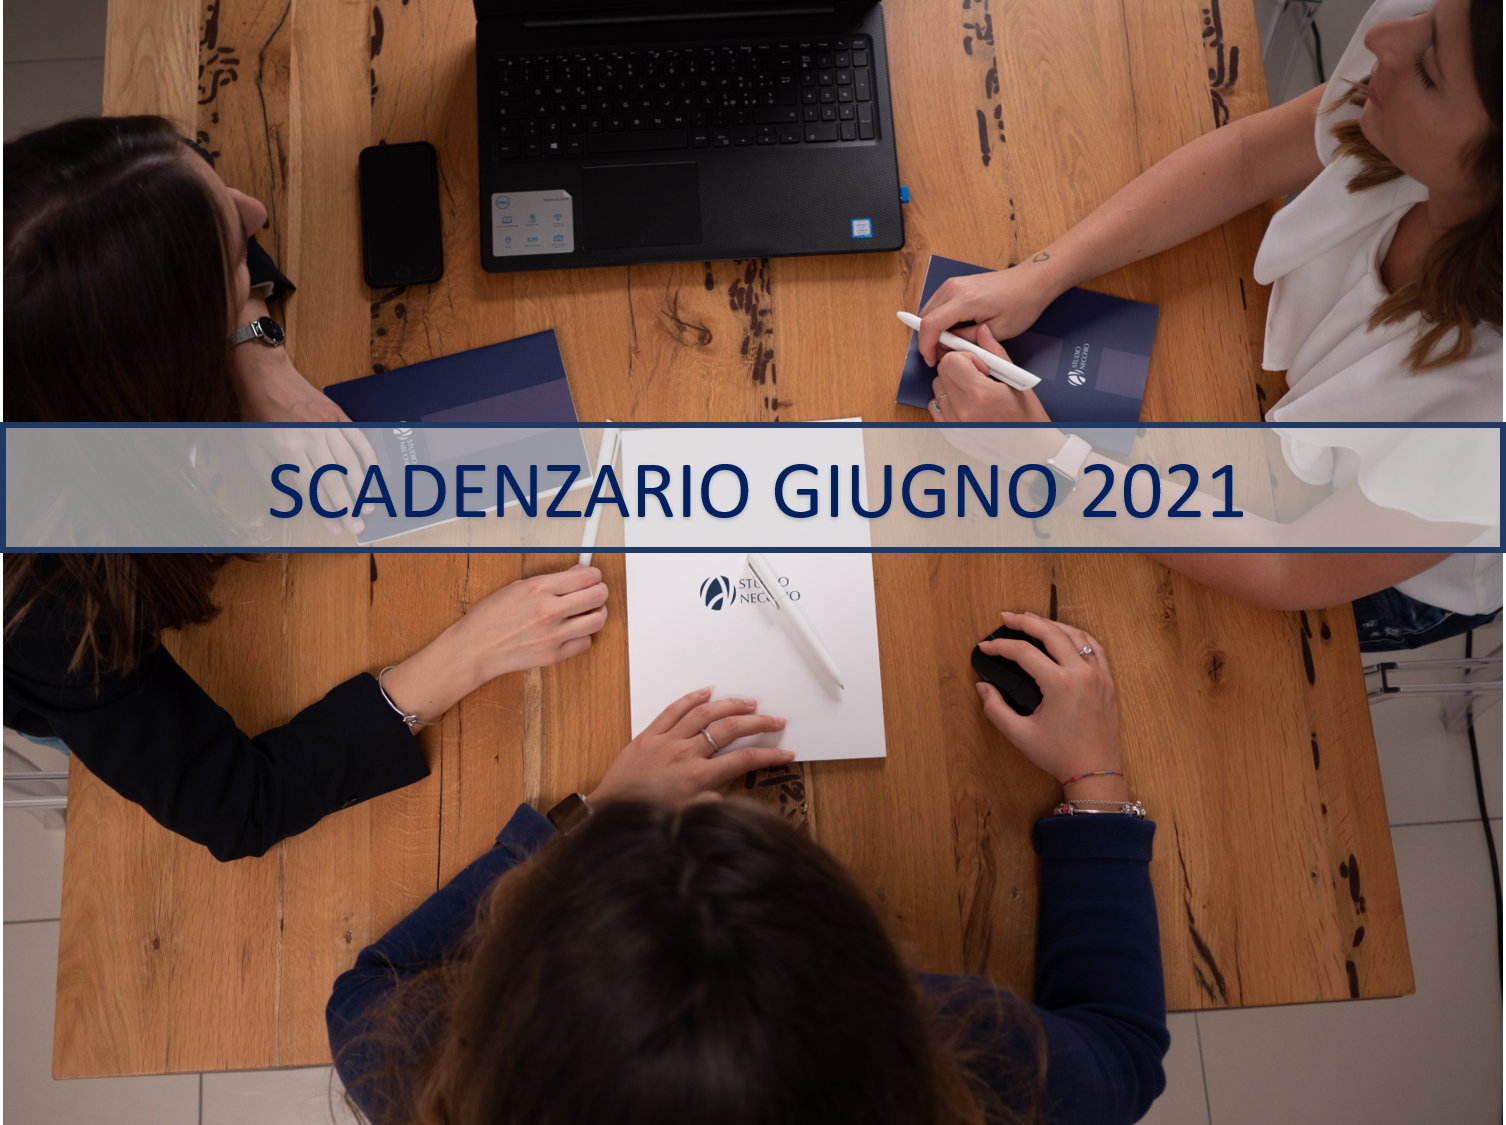 SCADENZARIO GIUGNO 2021